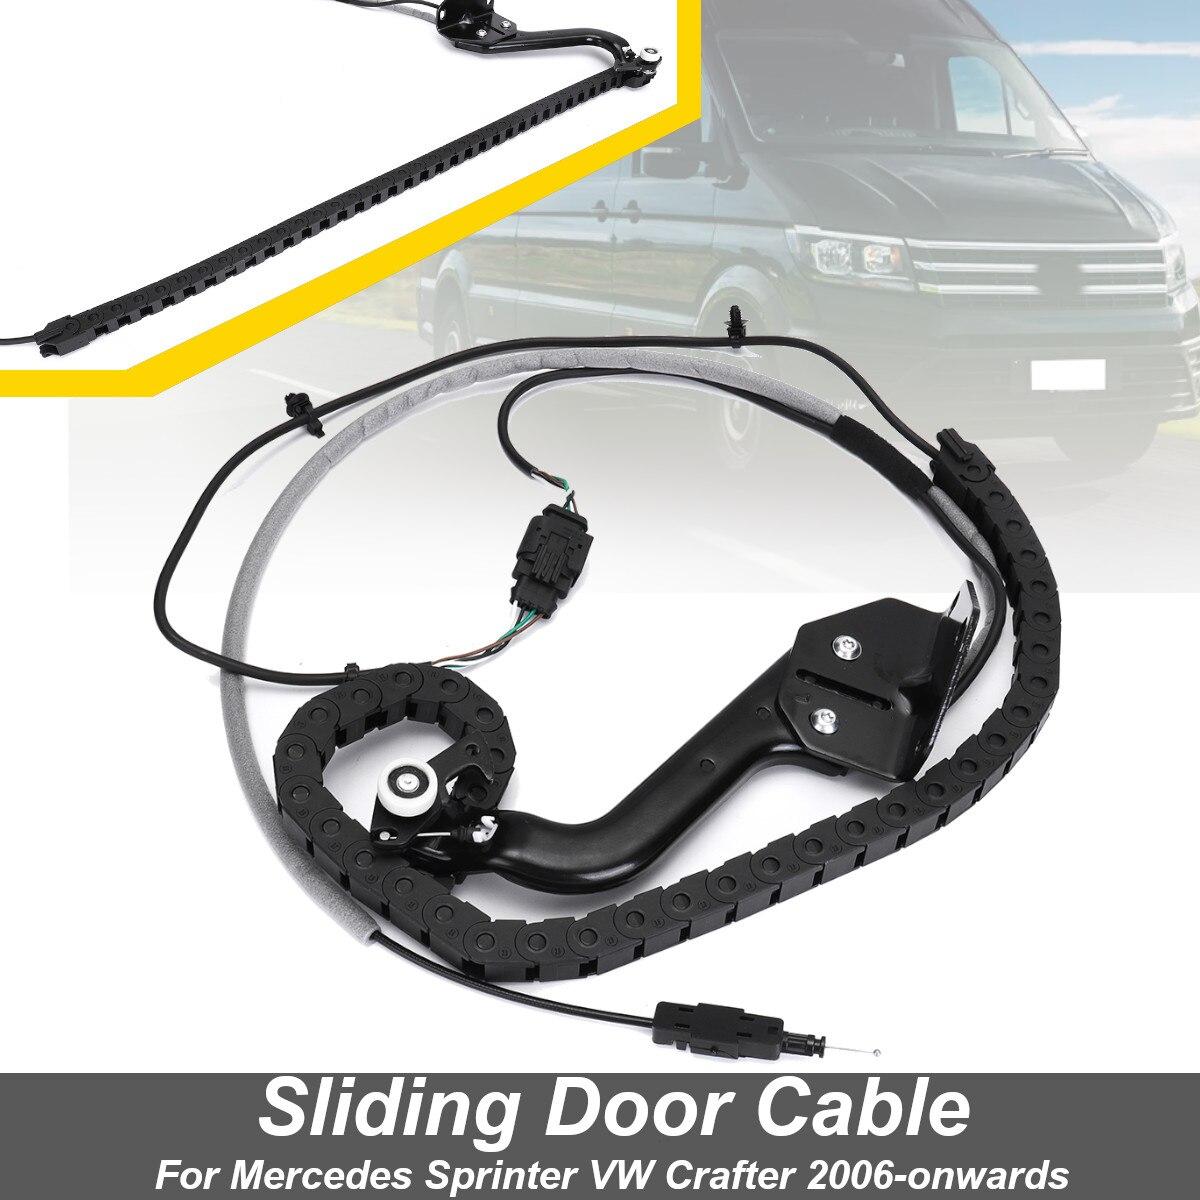 9068203369 Porte Coulissante Câble Basse Bas chemin de roulement Gauche N/S Pour Mercedes Sprinter pour VW pour Crafter 2006- partir